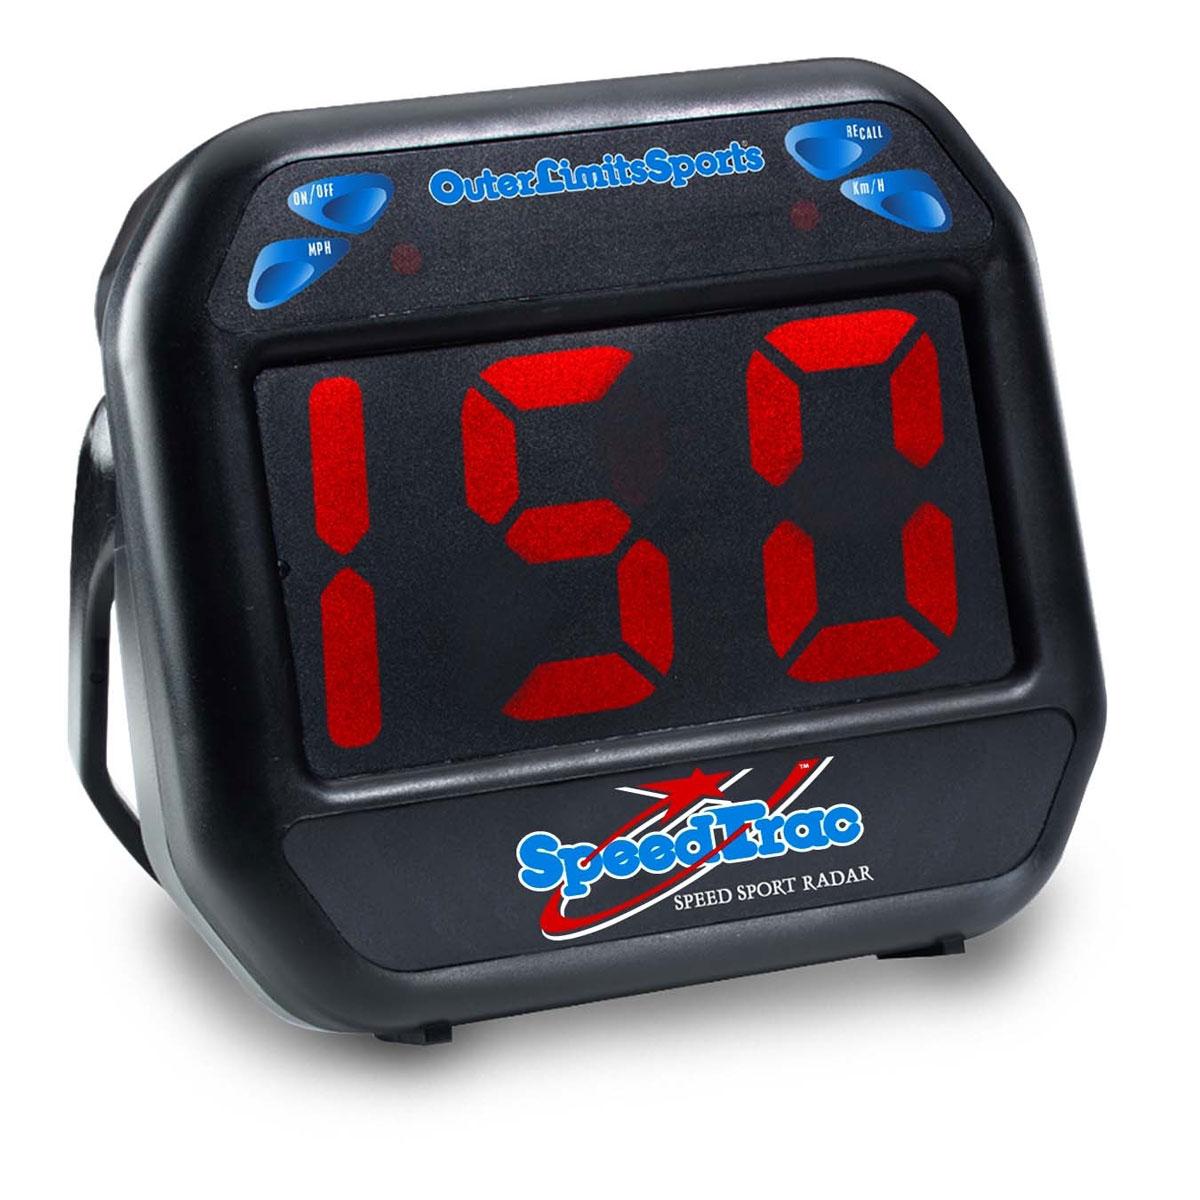 【レンタル・カード決済限定】 据え置き型レーダー速度測定ユニット スピードトラック・エックス(fy16REN07)